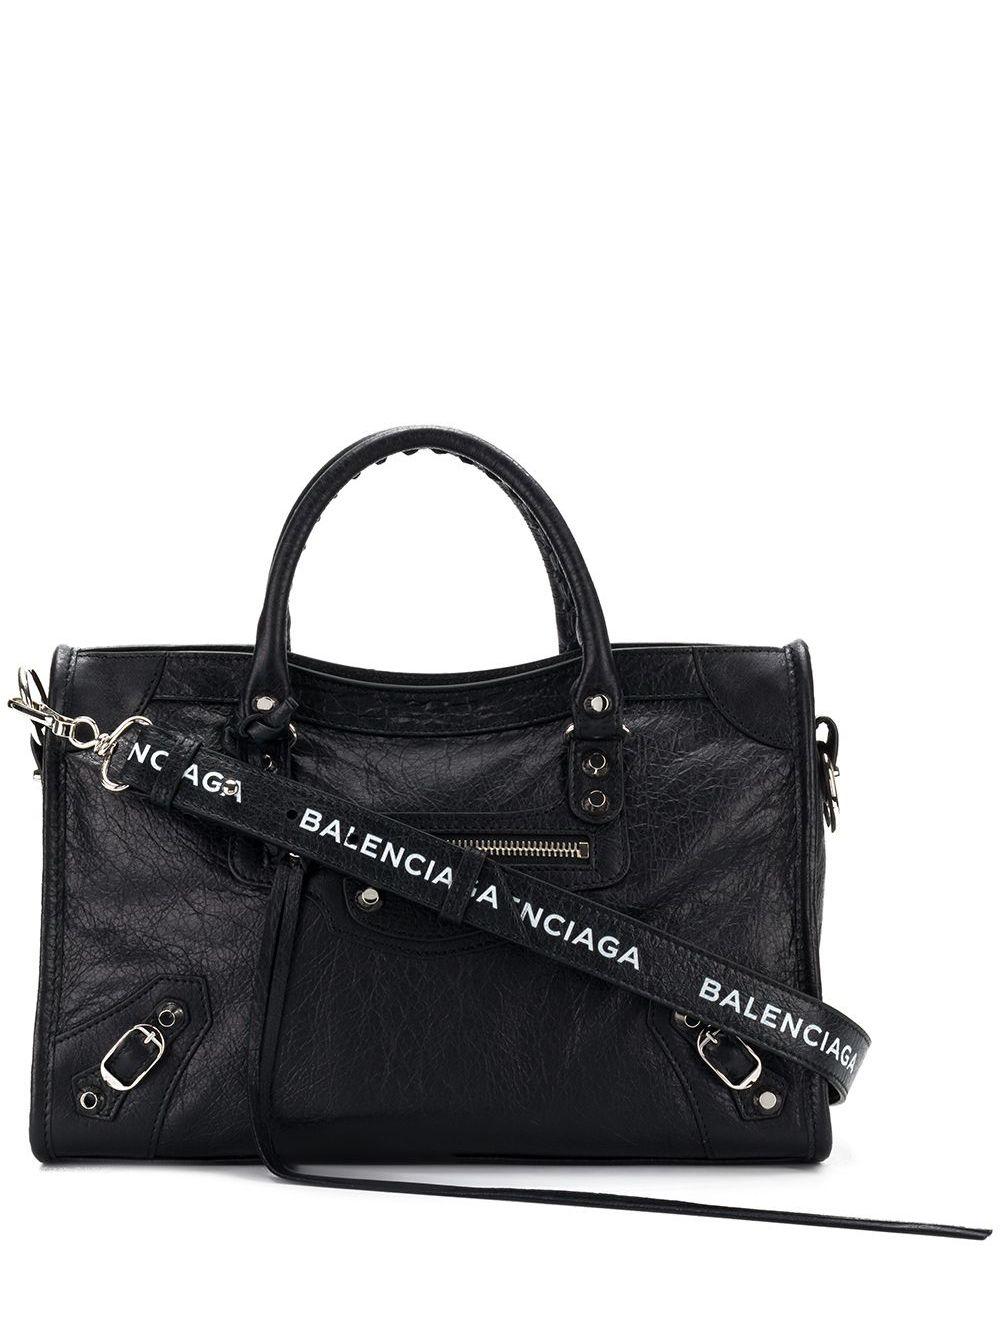 Picture of Balenciaga | Classic City Mini Bag